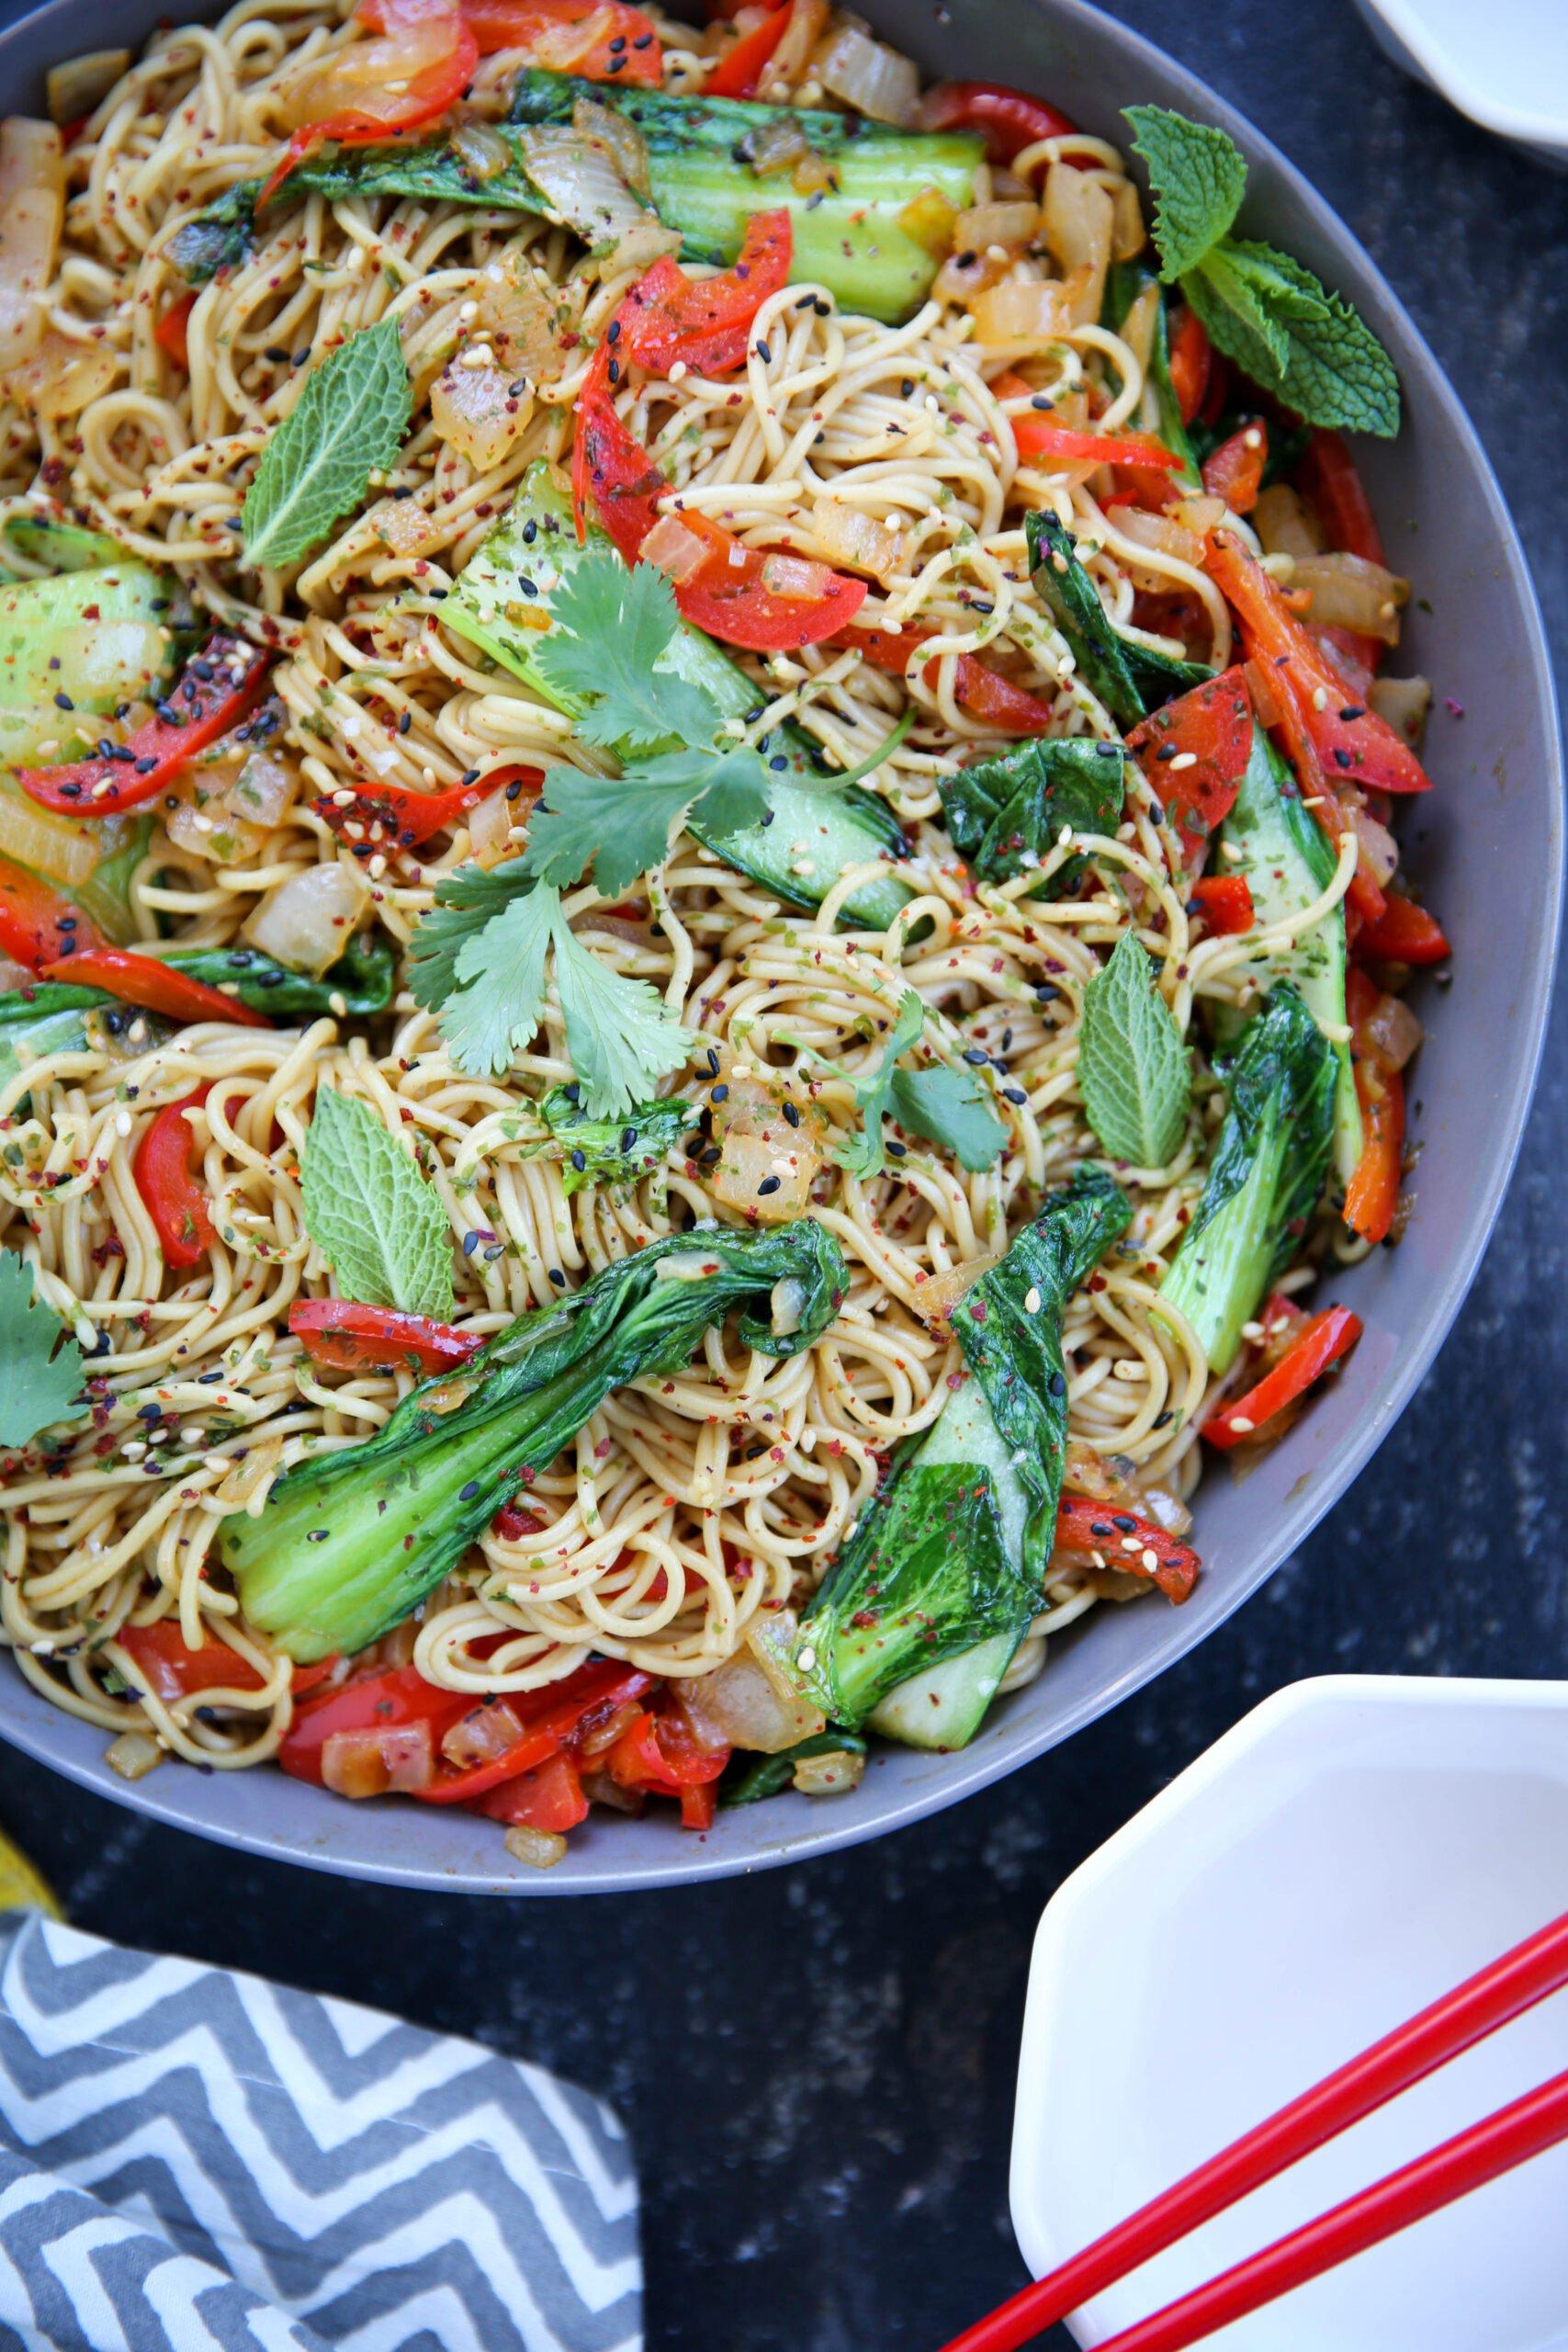 PaleOMG Easy Asian Stir-Fry Noodles